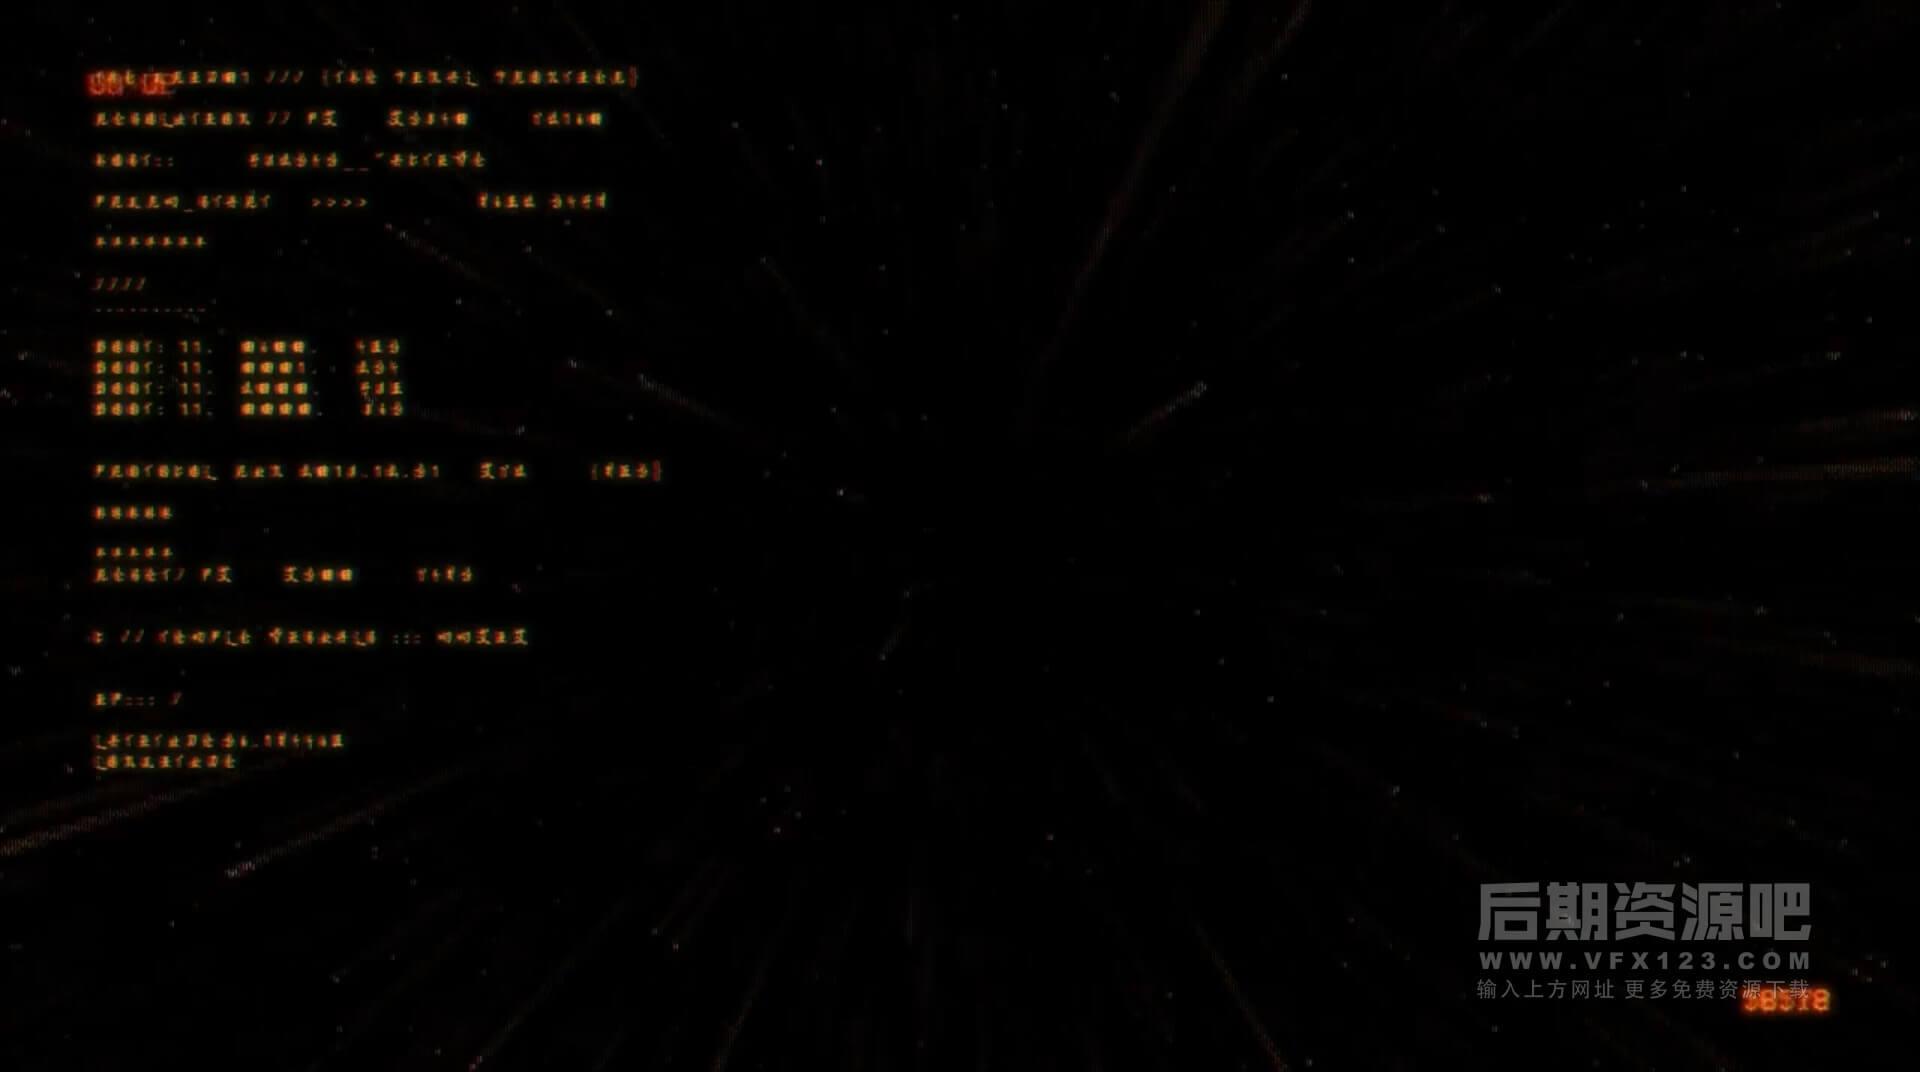 视频素材 43个复古电影街机游戏科幻屏幕信号干扰视觉特效画面 | MAC影视后期资源站